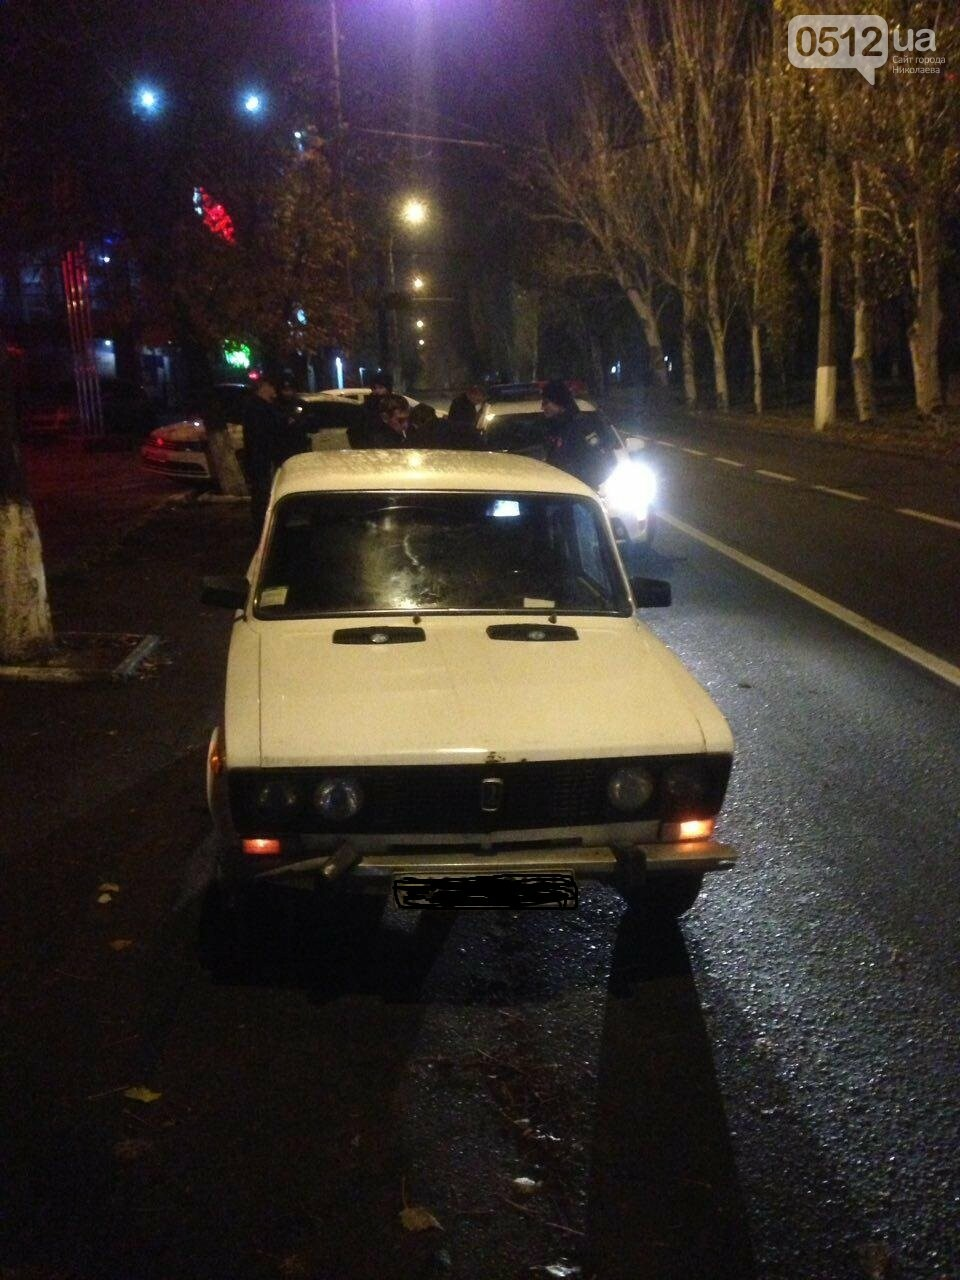 Патрульные продолжают ловить пьяных водителей на улицах Николаева (ФОТО), фото-5